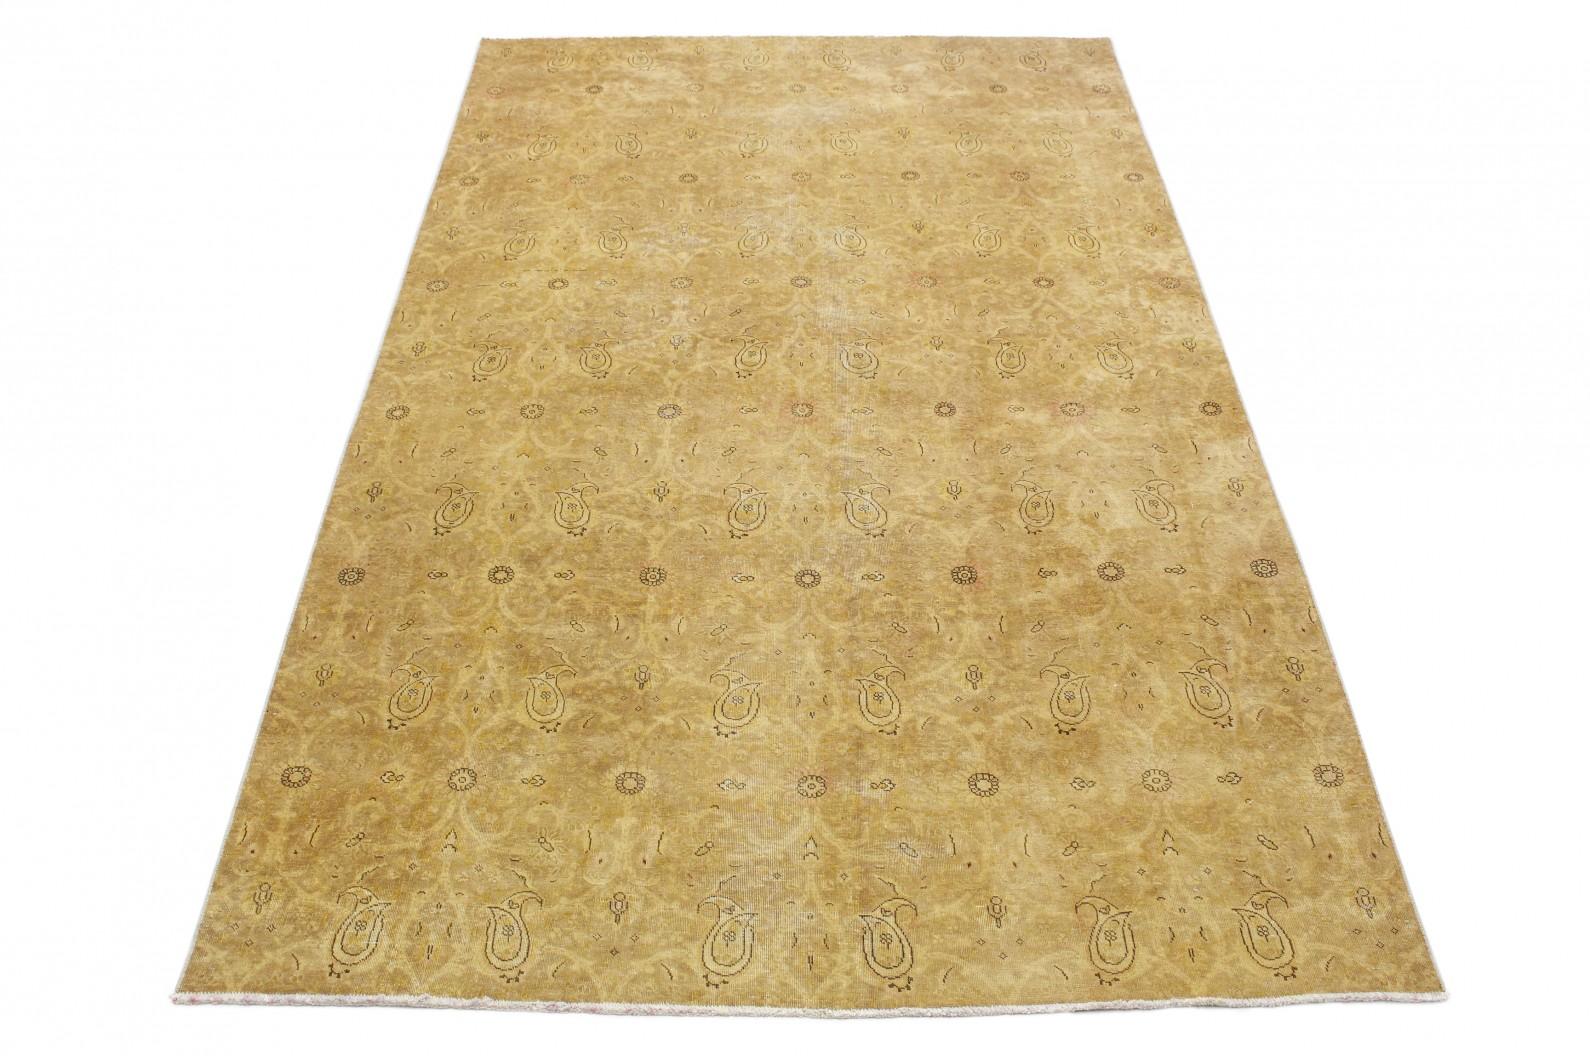 vintage teppich gold braun in 350x200 1001 3694 bei kaufen. Black Bedroom Furniture Sets. Home Design Ideas